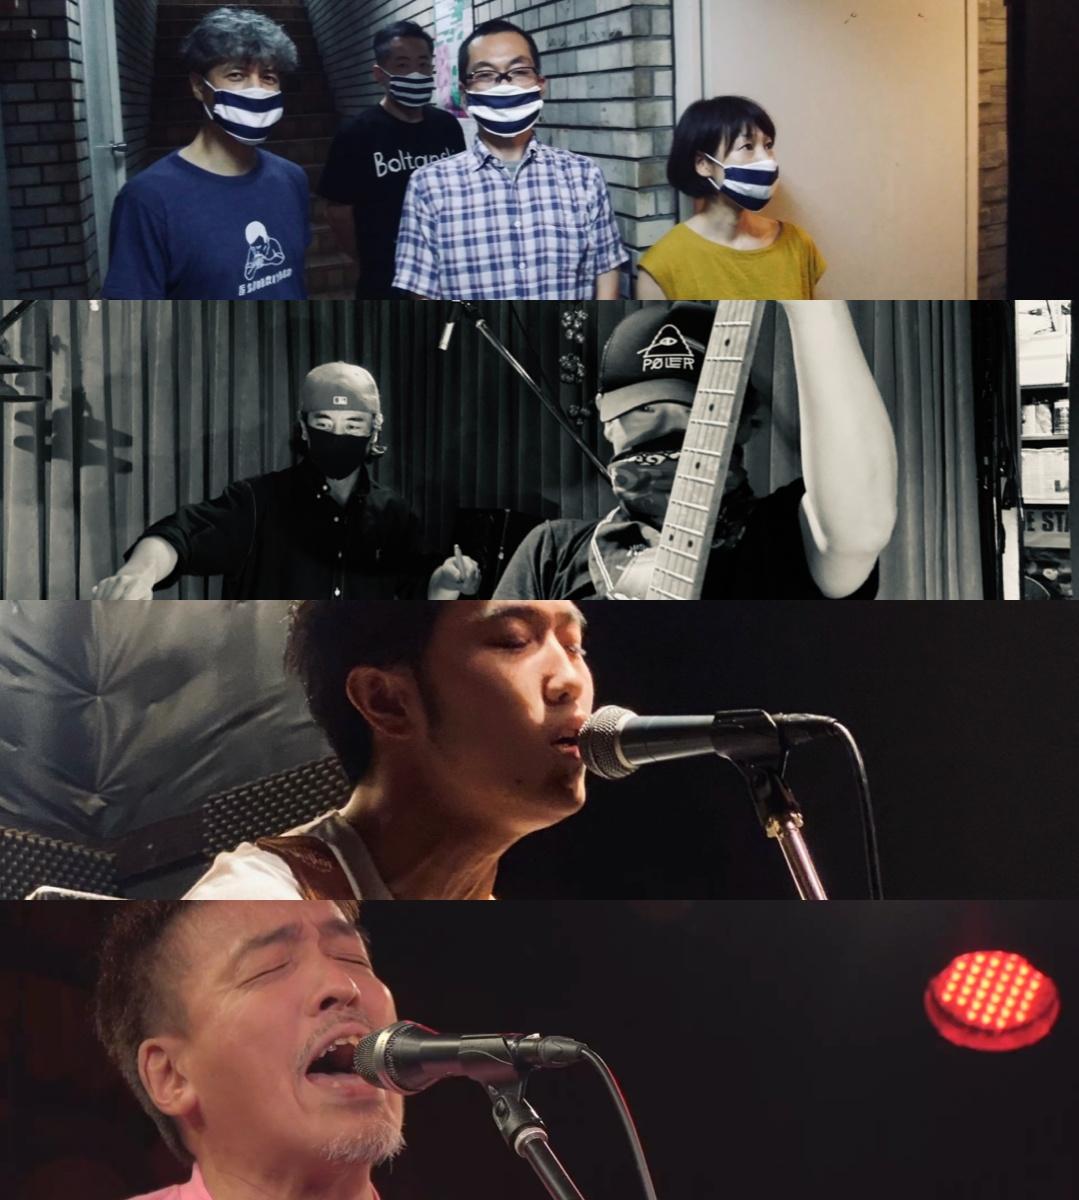 『賽は投げられた』出演:友情山脈 / 浅井永久+堀口たかし / 瑠郁 / たけぽん